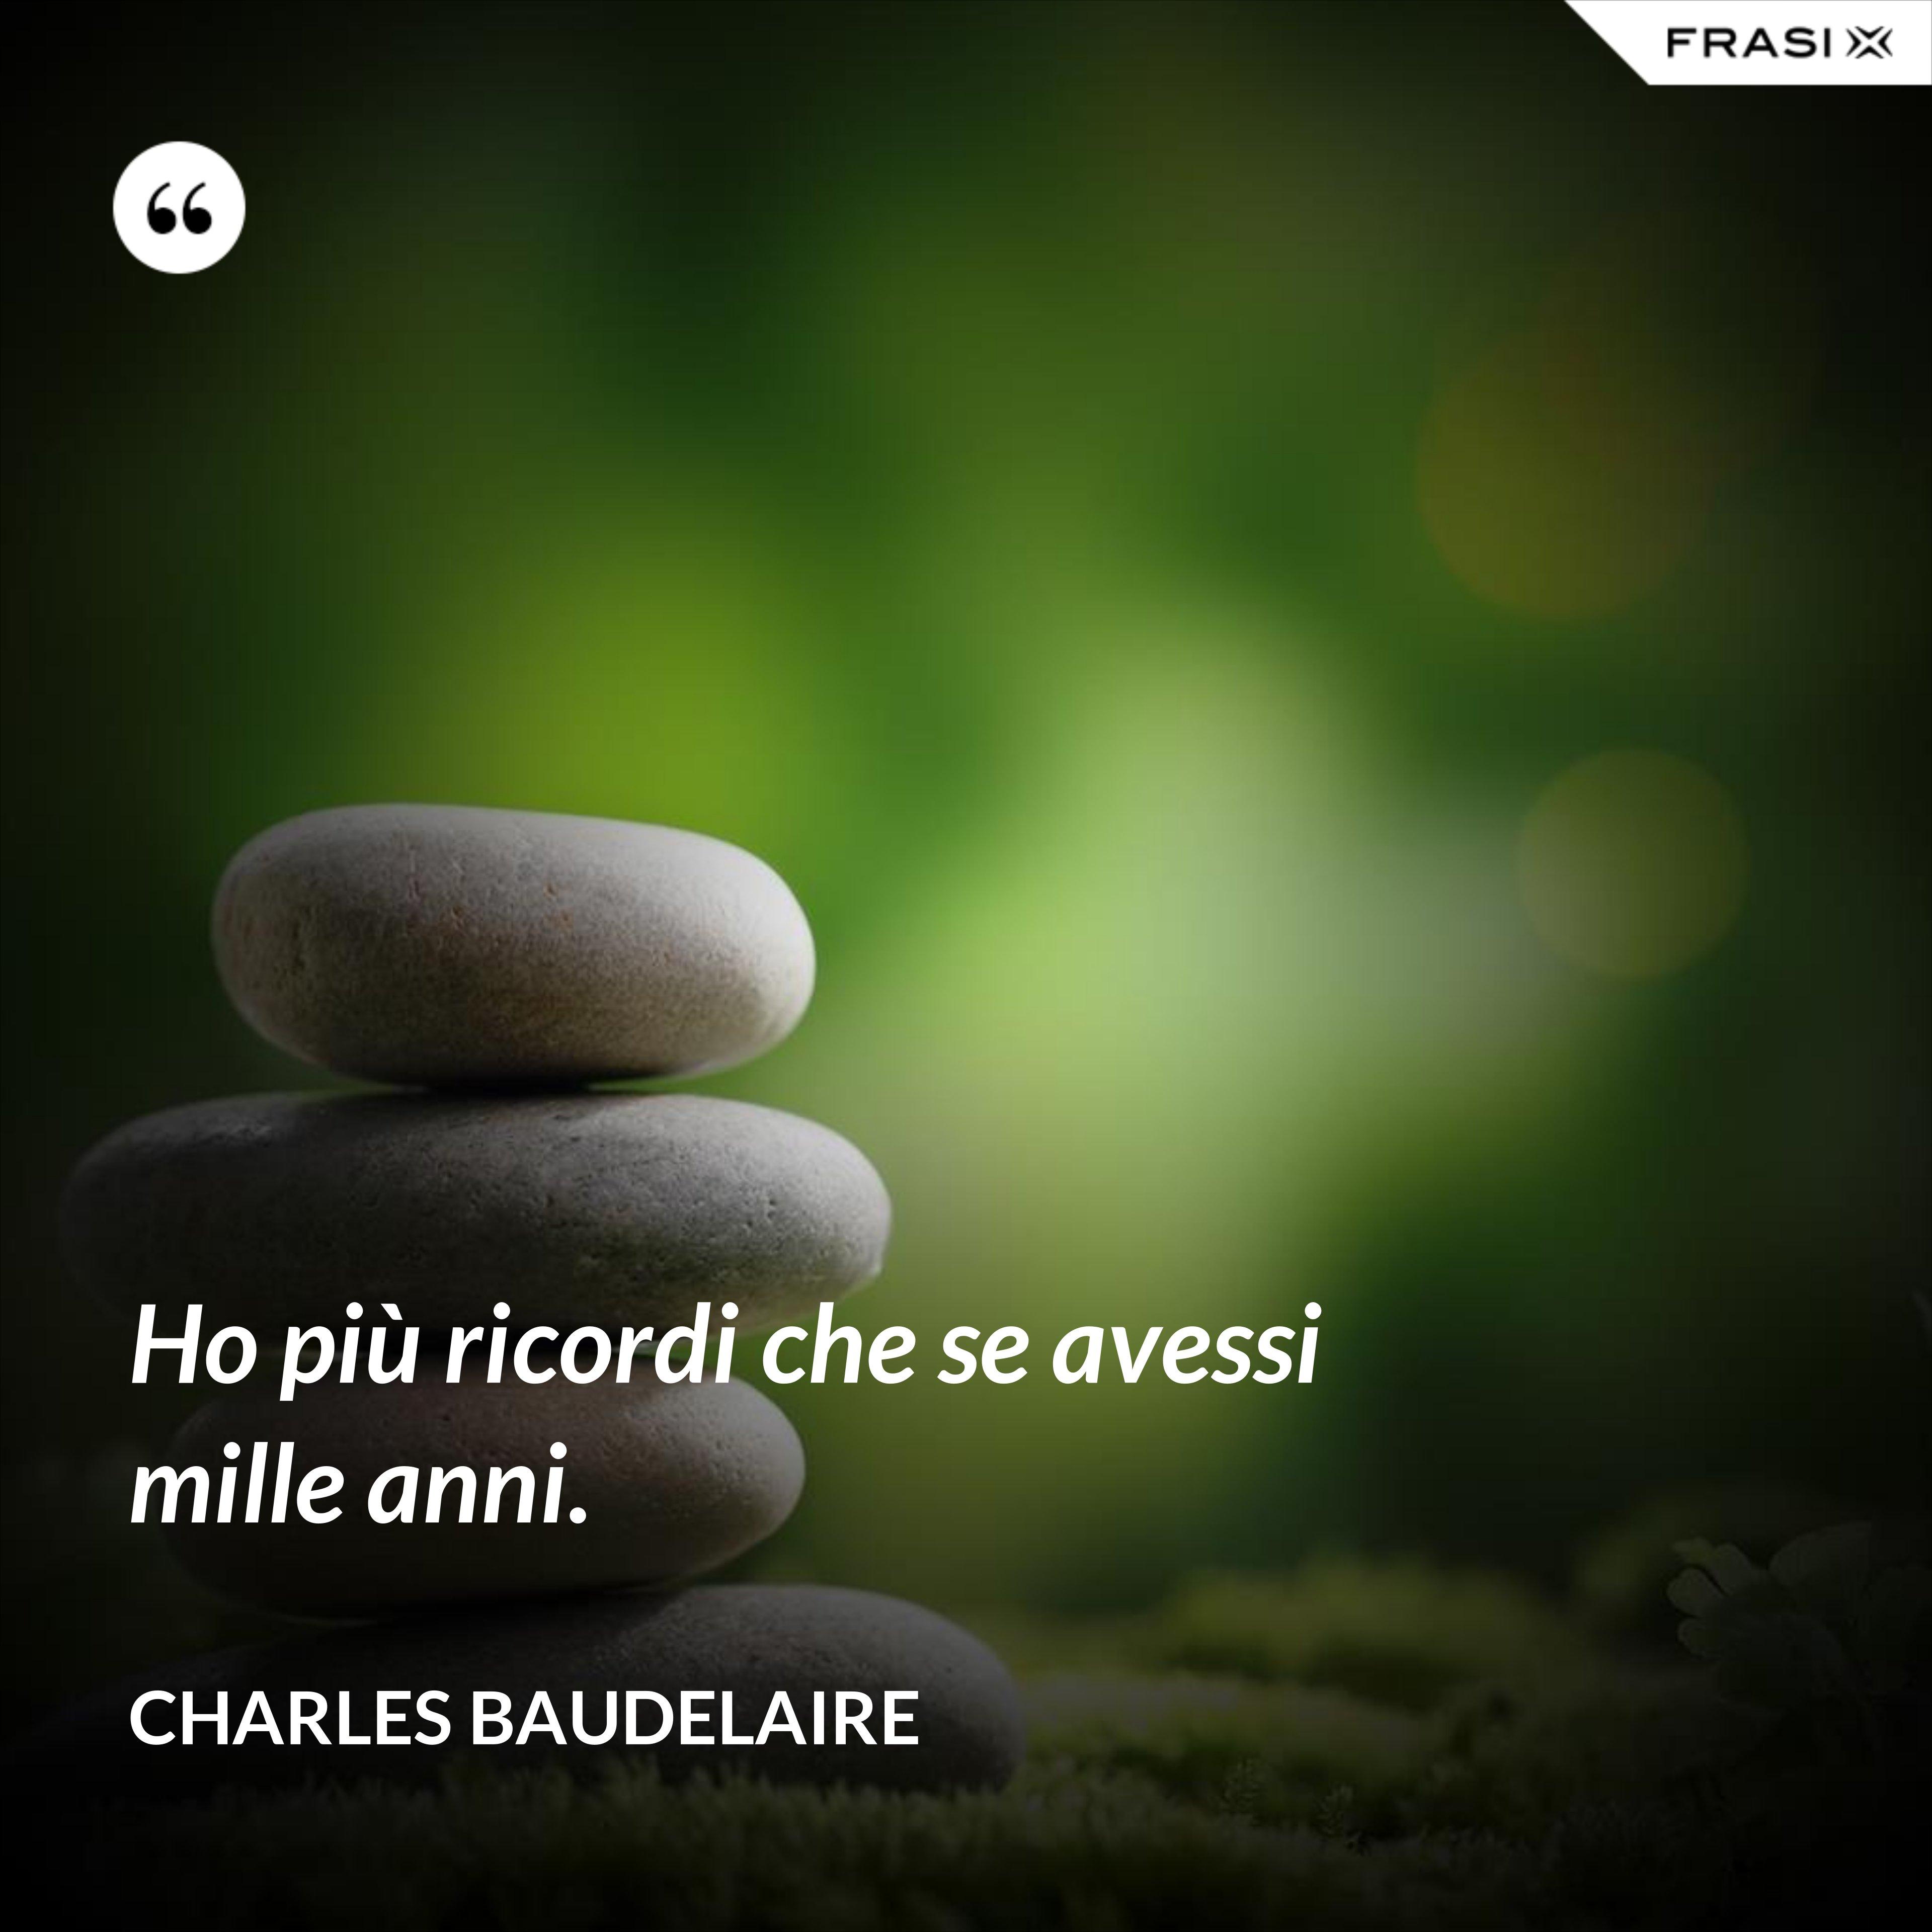 Ho più ricordi che se avessi mille anni. - Charles Baudelaire